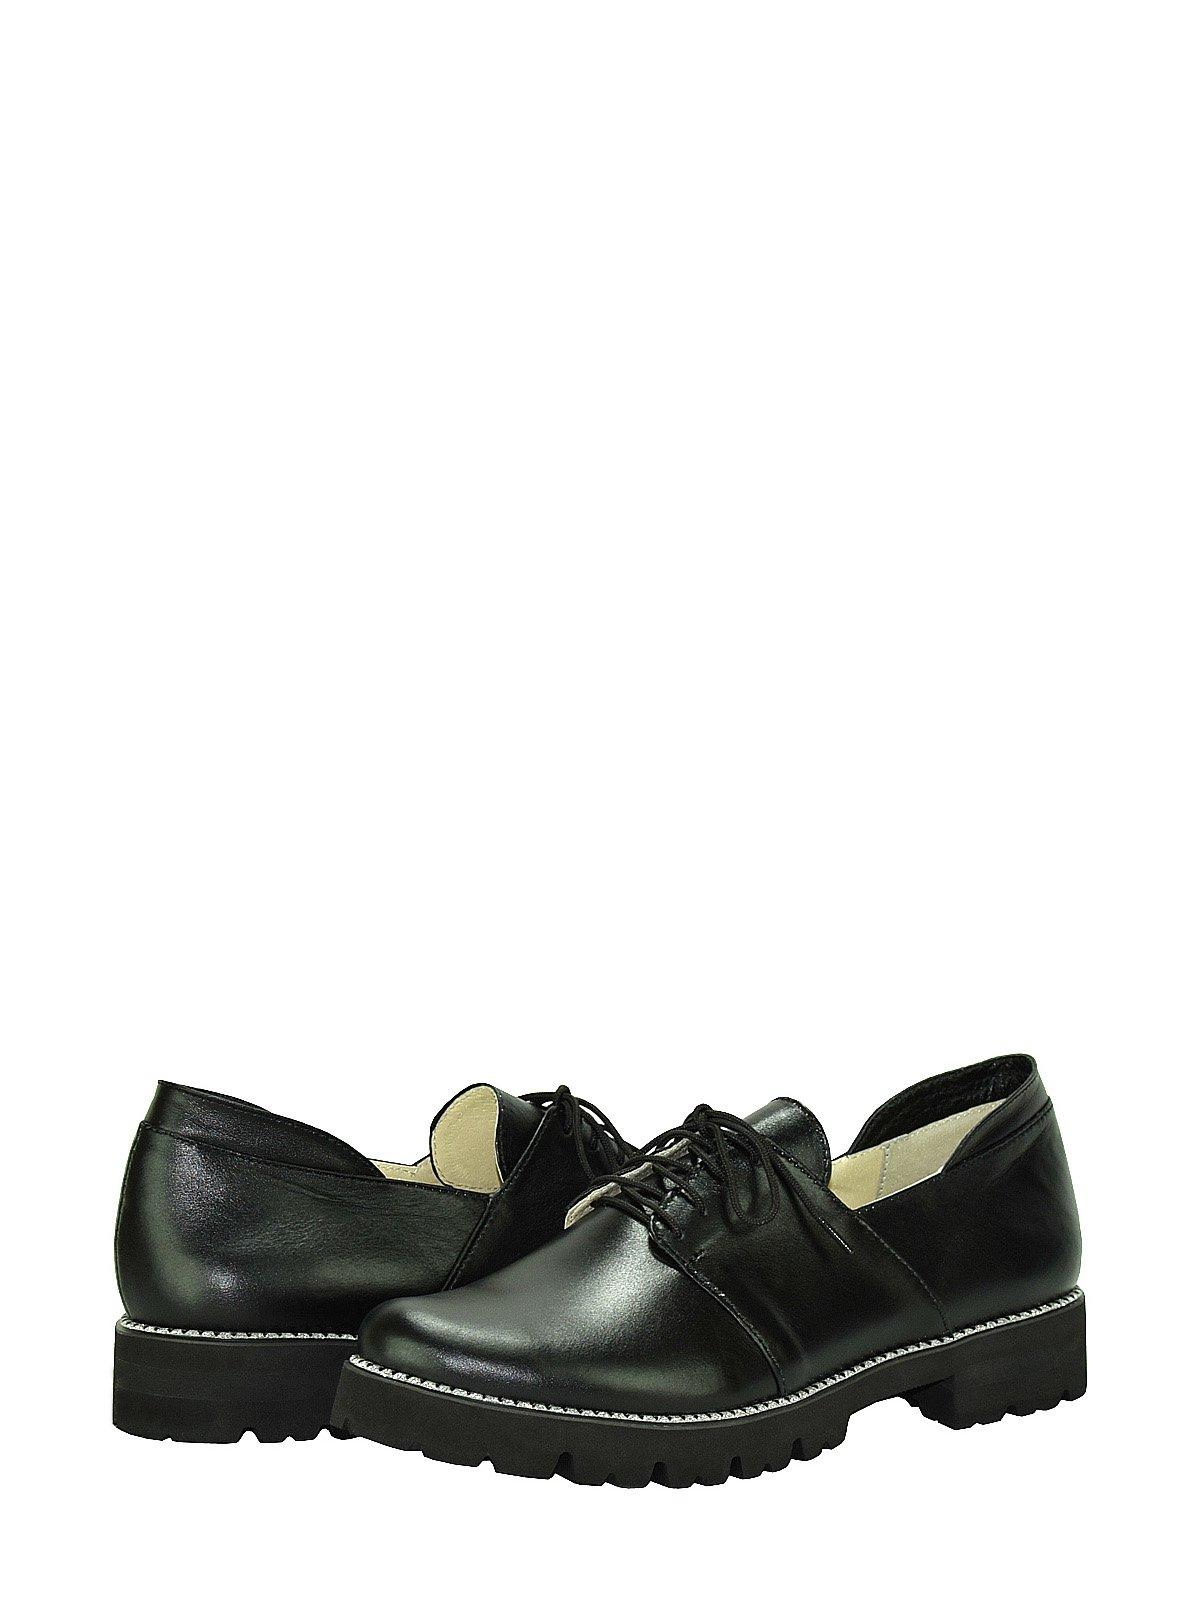 Туфлі чорні | 3553663 | фото 2